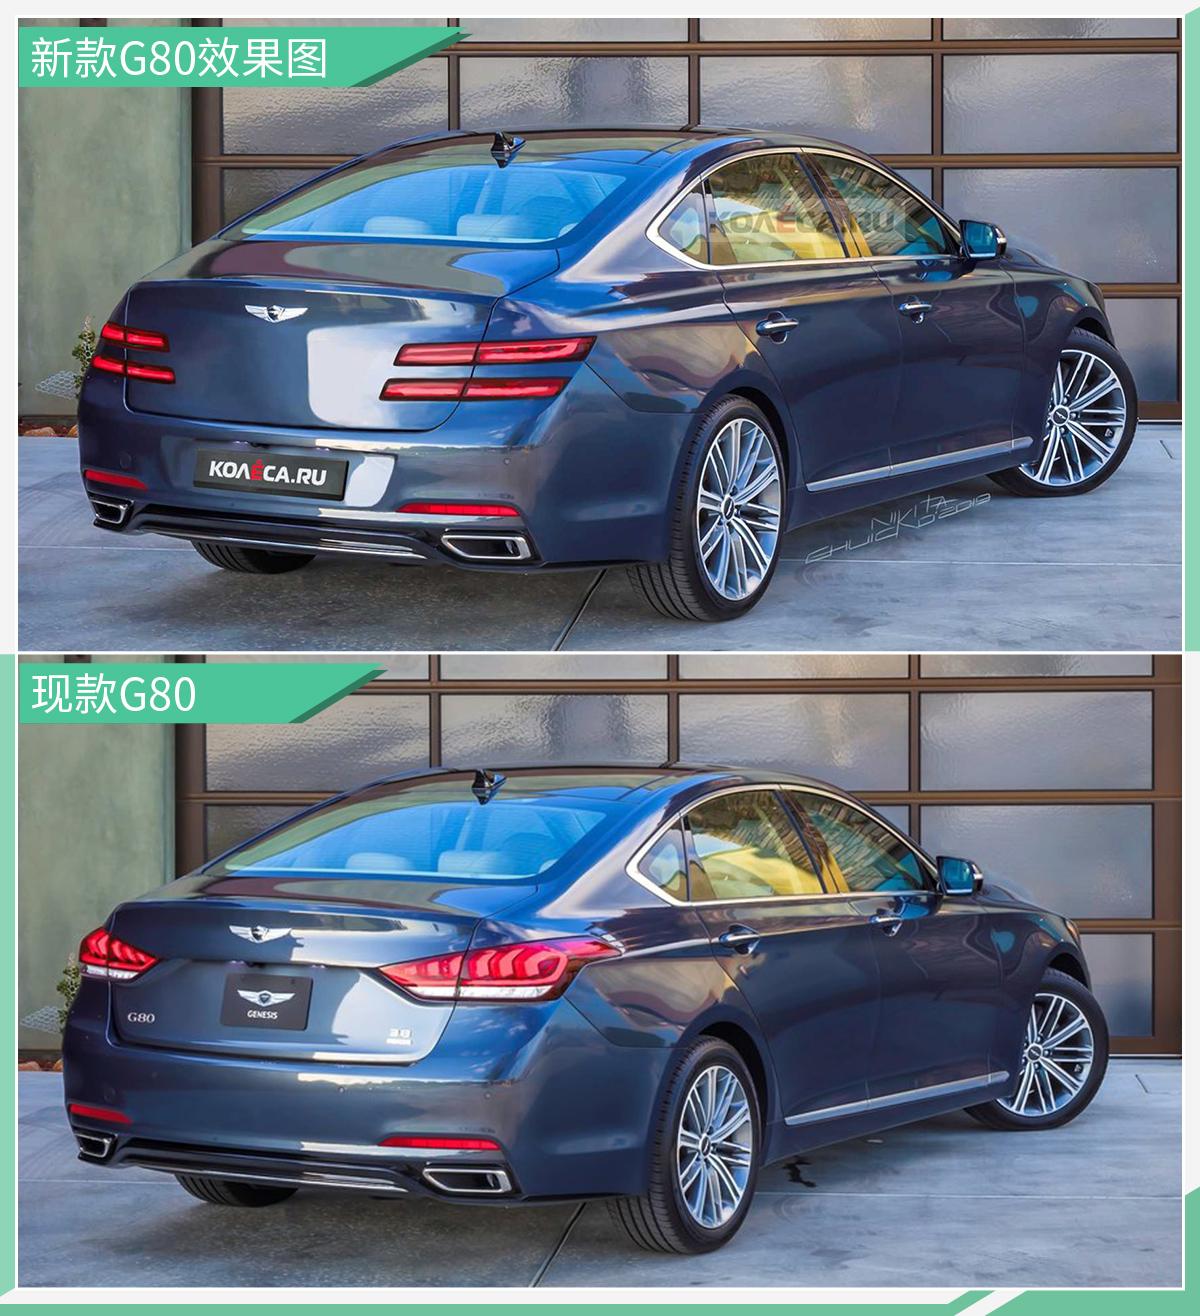 外观大变样 捷尼赛思新款G80有望日内瓦车展发布